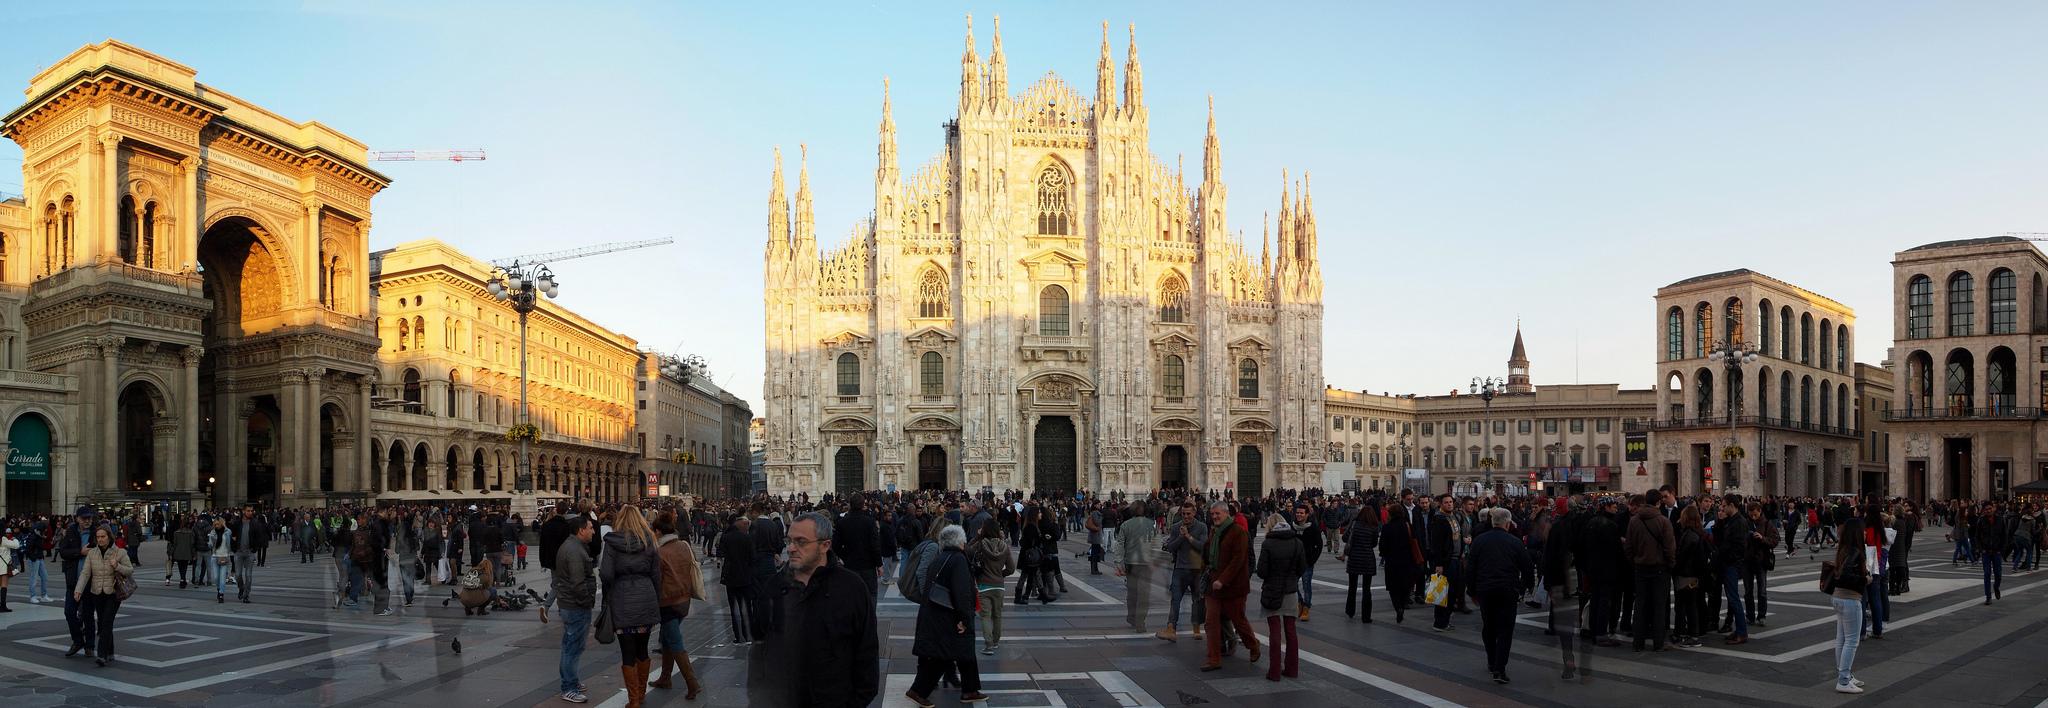 Programmi alternativi all'Expo di Milano